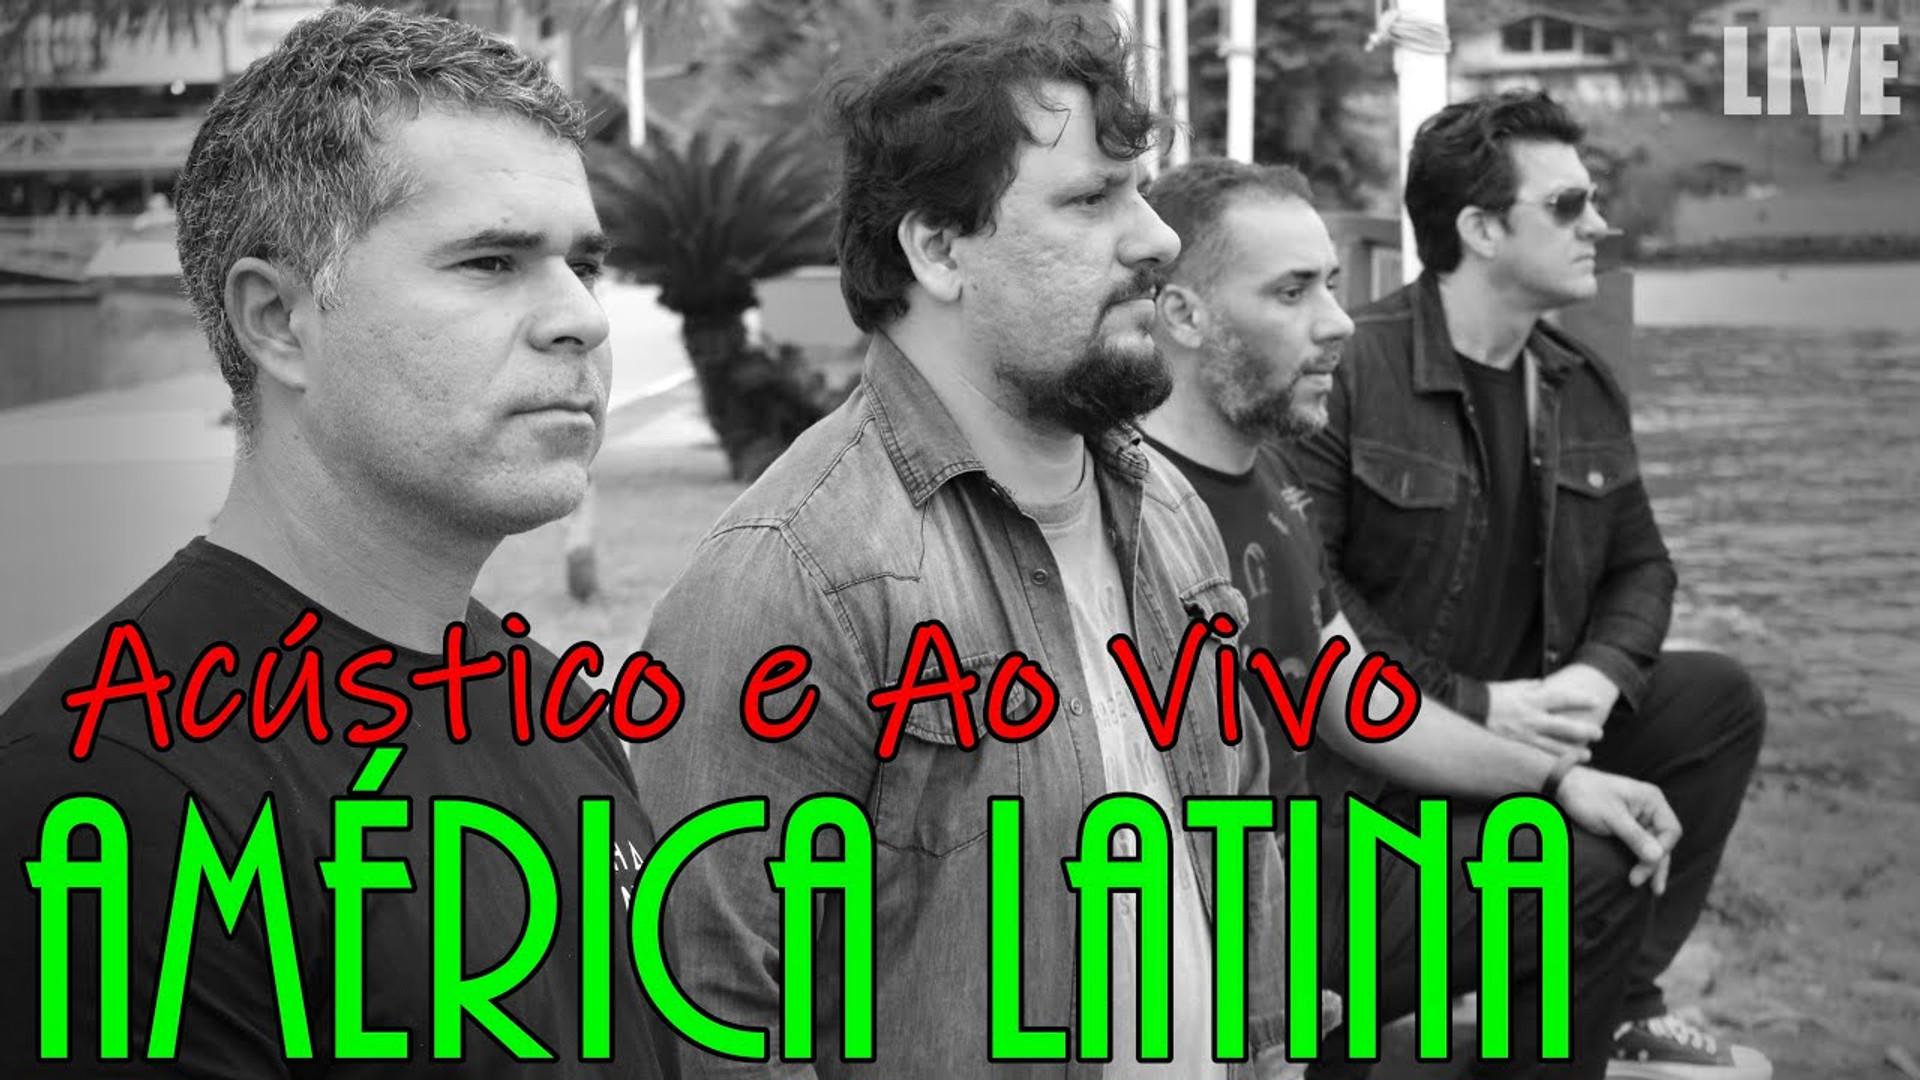 Moeda Paralela - América Latina (Um Herói Anônimo) acústico e ao vivo